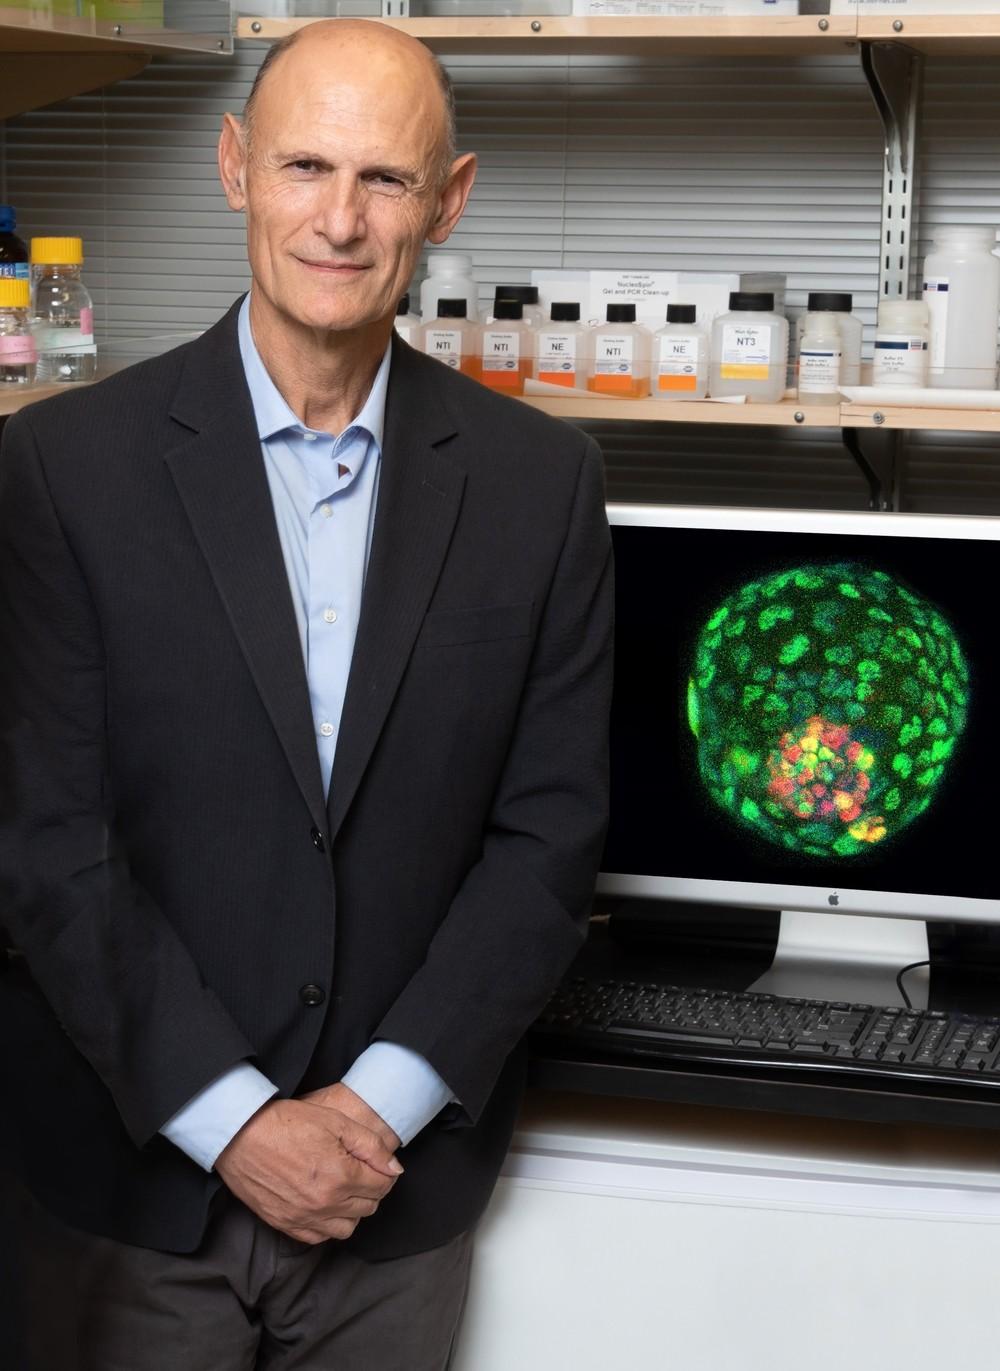 Embriones sintéticos para entender el comienzo de la vida